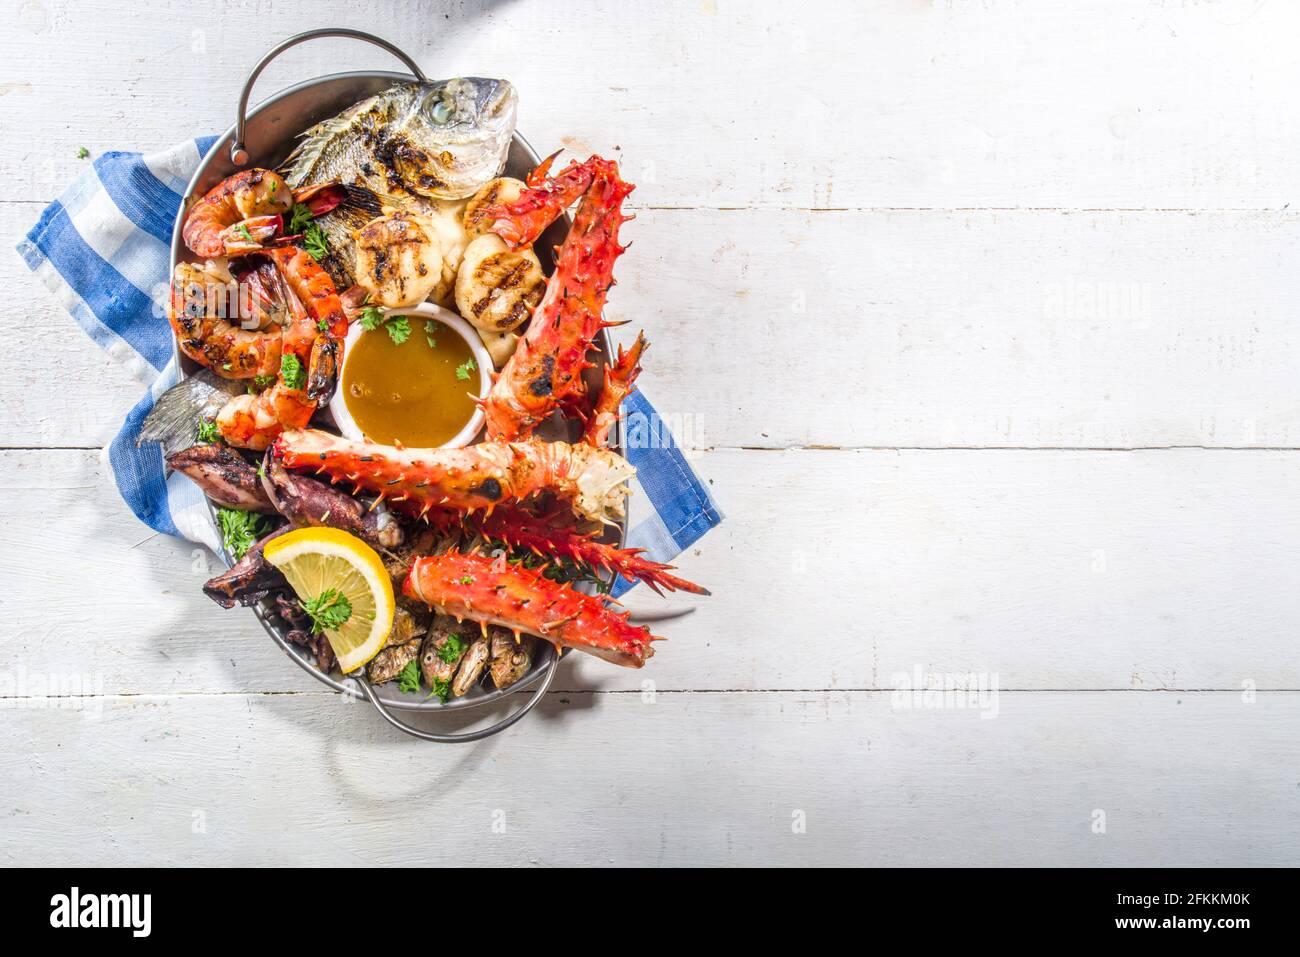 Assortimento barbecue vari piatti mediterranei alla griglia - pesce, polpo, gamberi, granchio, frutti di mare, cozze, dieta estiva festa barbecue, con kebab, salse, Foto Stock